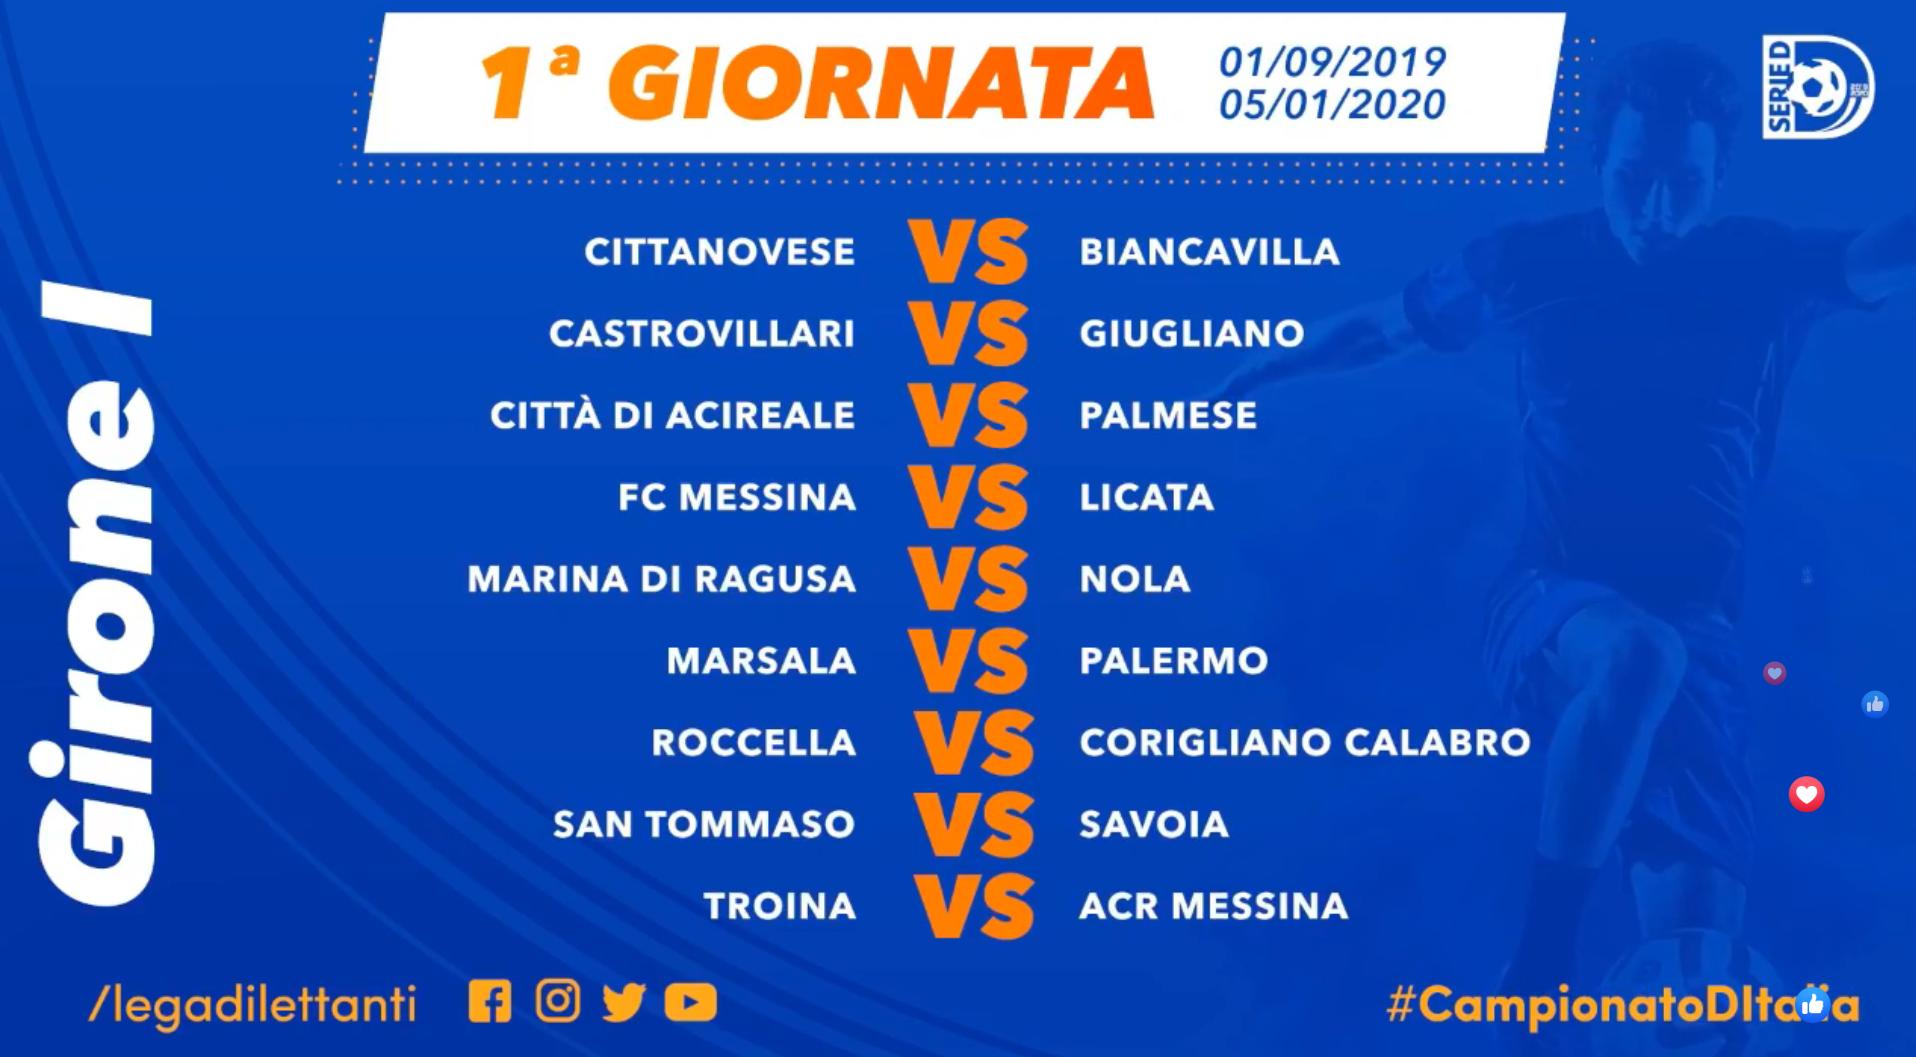 Calcio Mondiali 2020 Calendario.Ecco Il Calendario Della Serie D Palermo All Esordio A